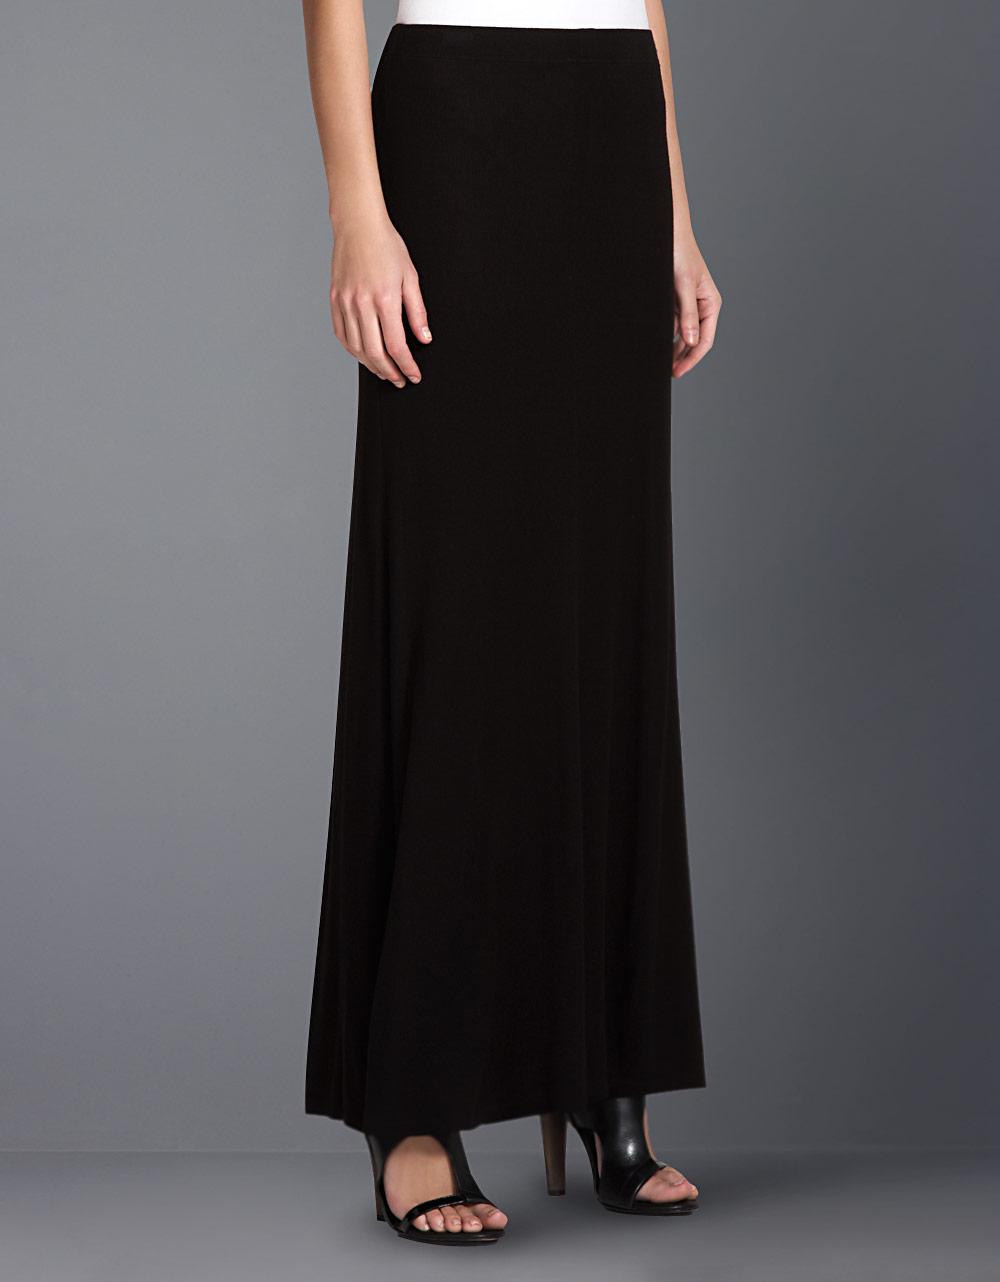 bcbgmaxazria knit maxi skirt in black lyst